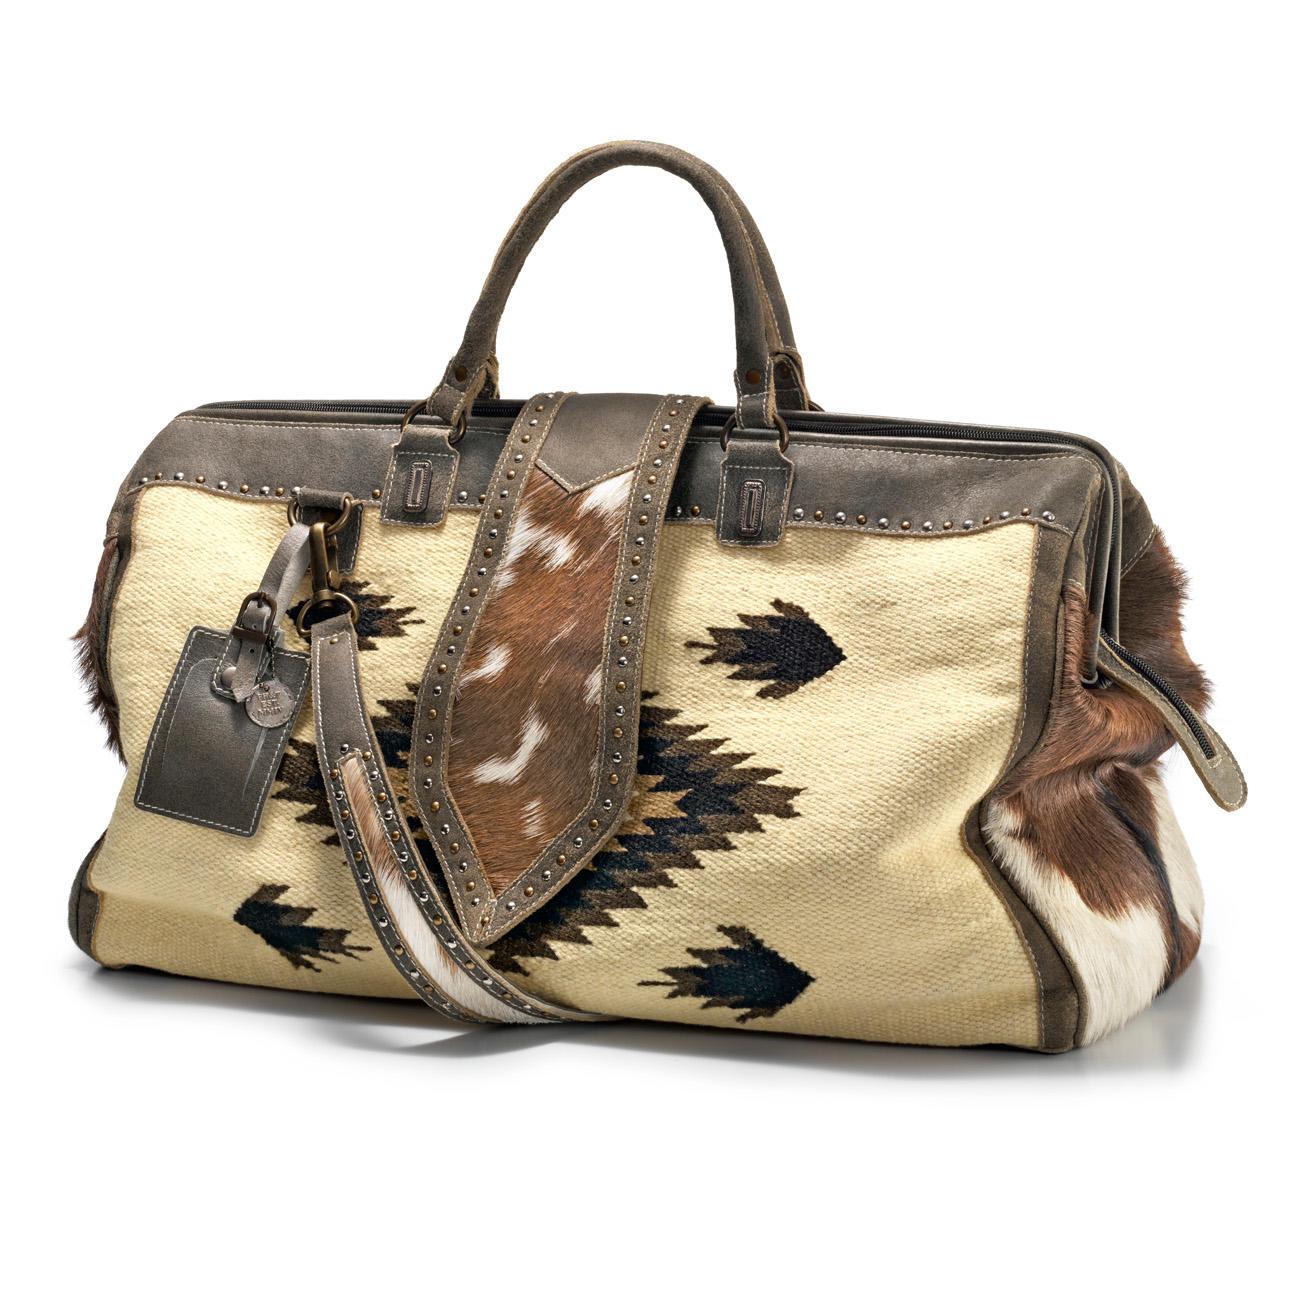 cb07cd4c6ff Kilim Travel Bag